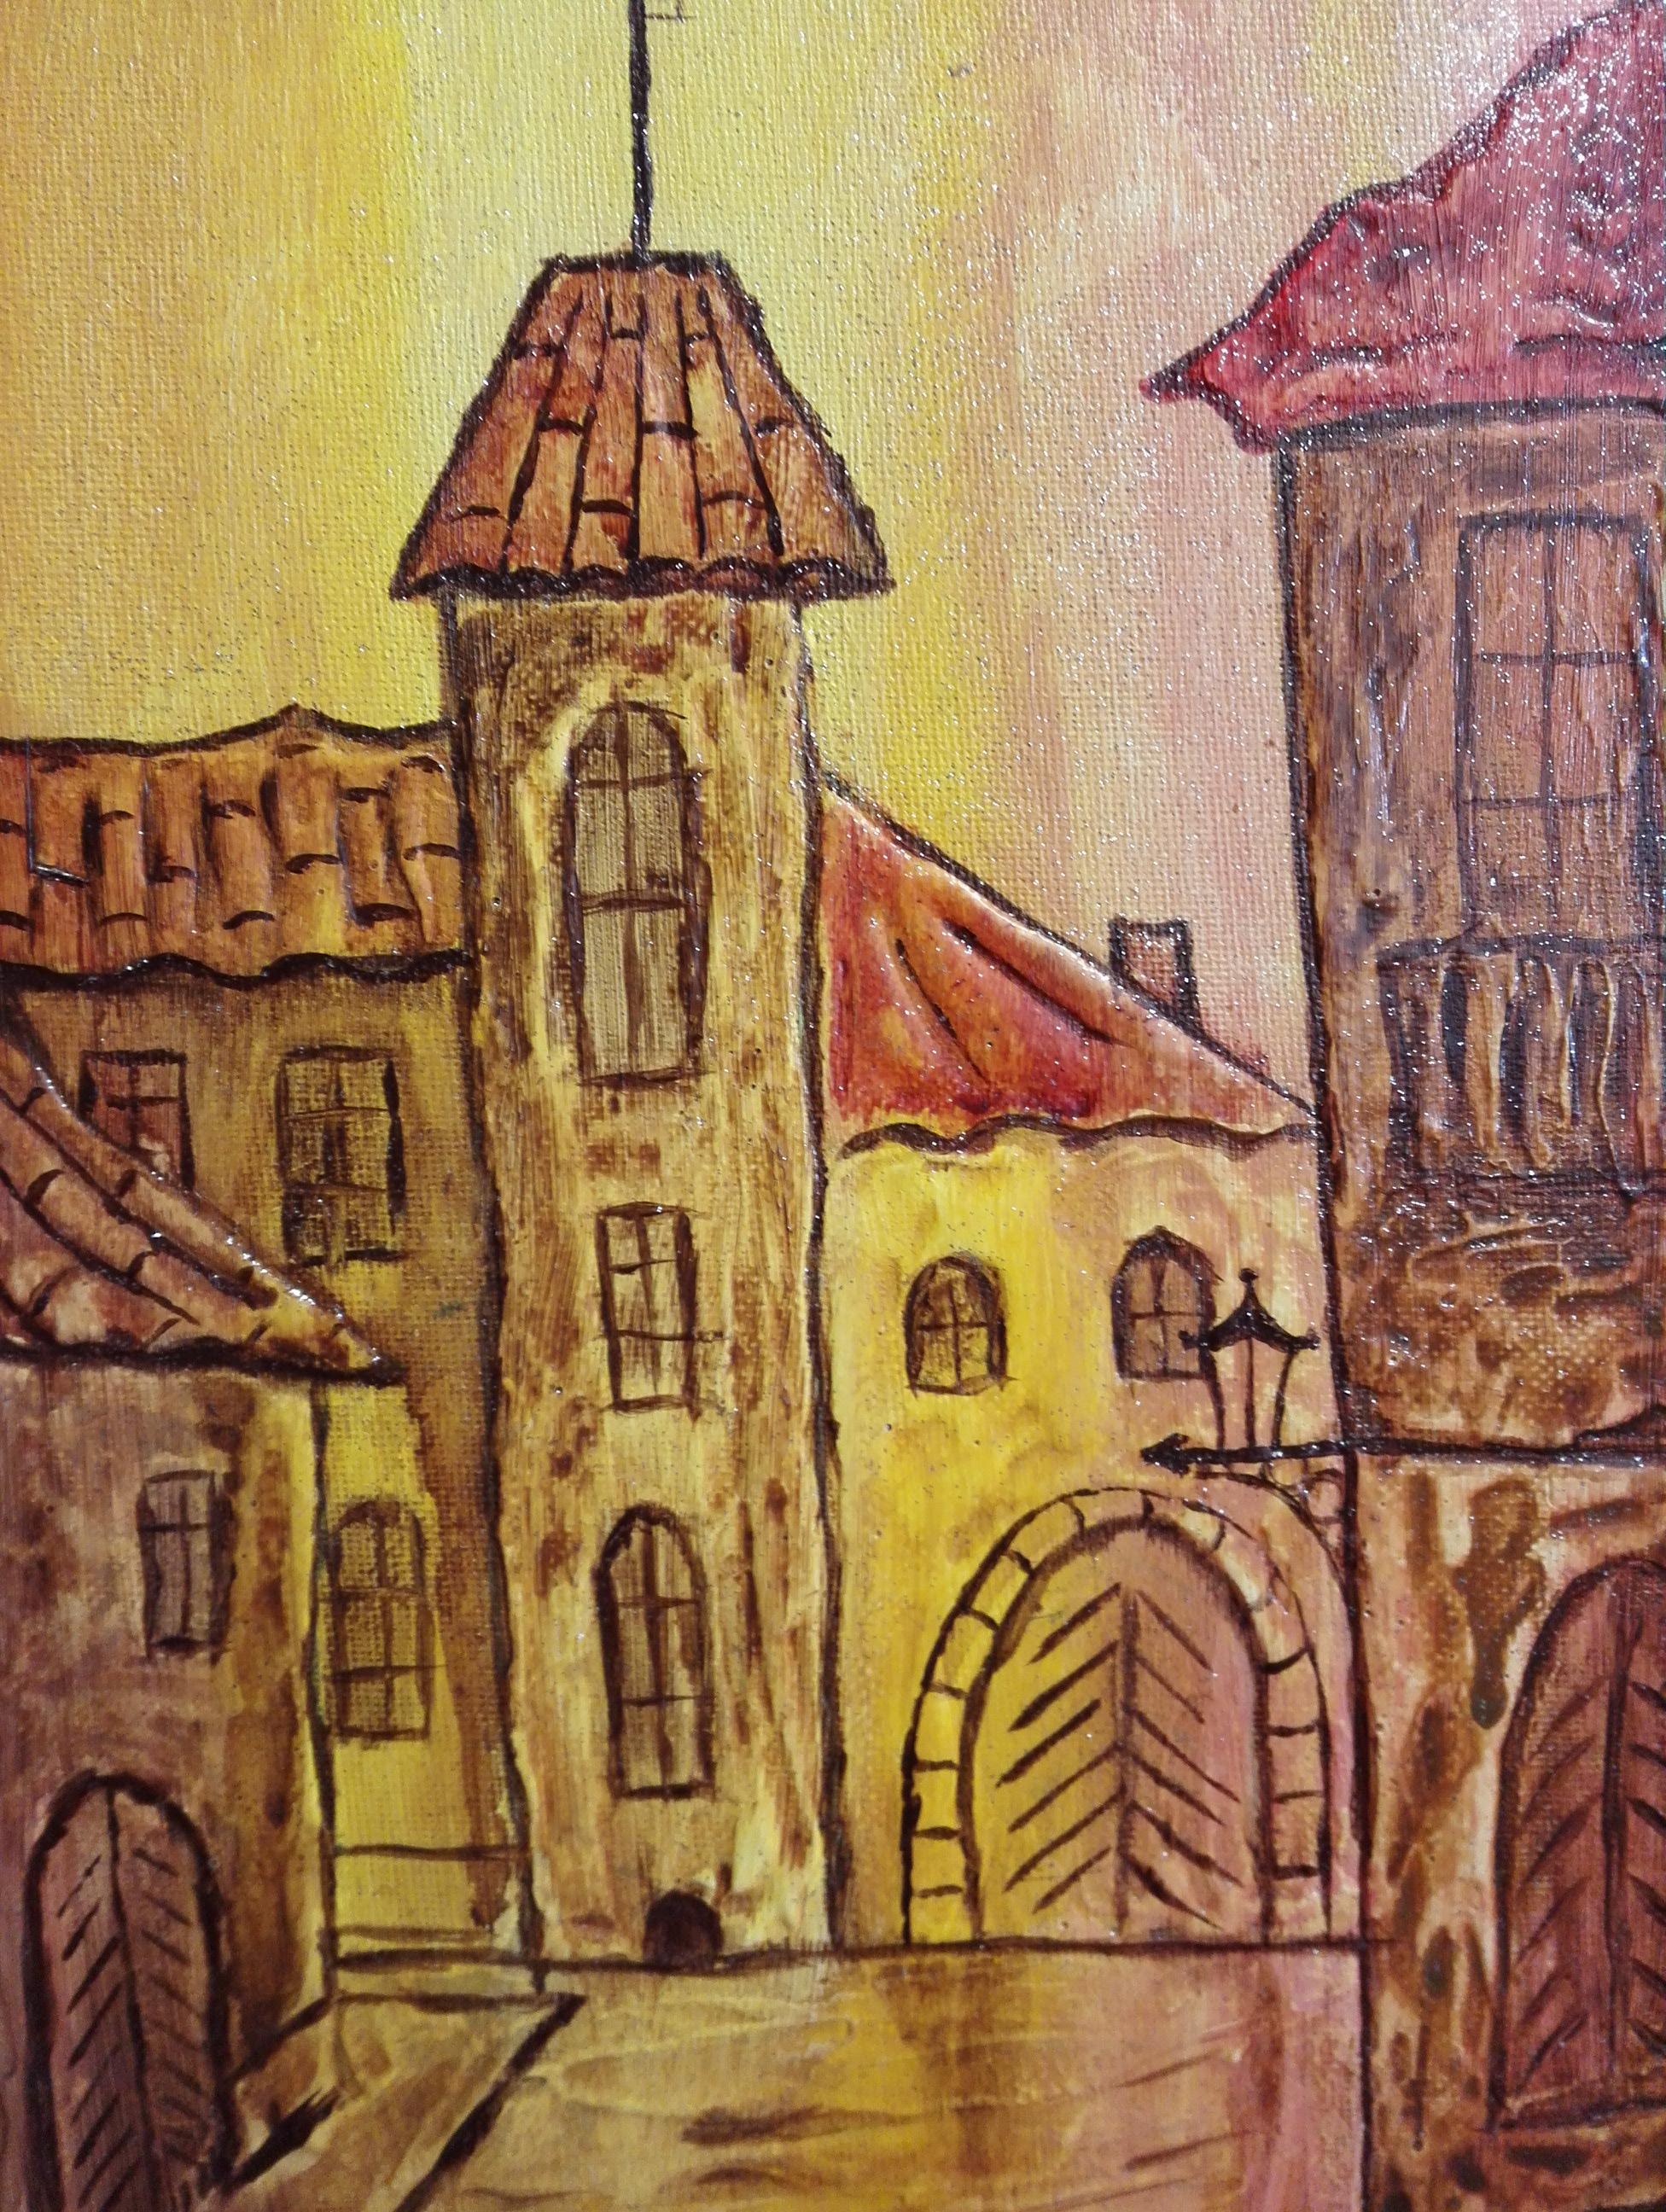 Старый город. Холст, акрил, текстурная паста, лак. 20х30 см. Гаджиева Лейла